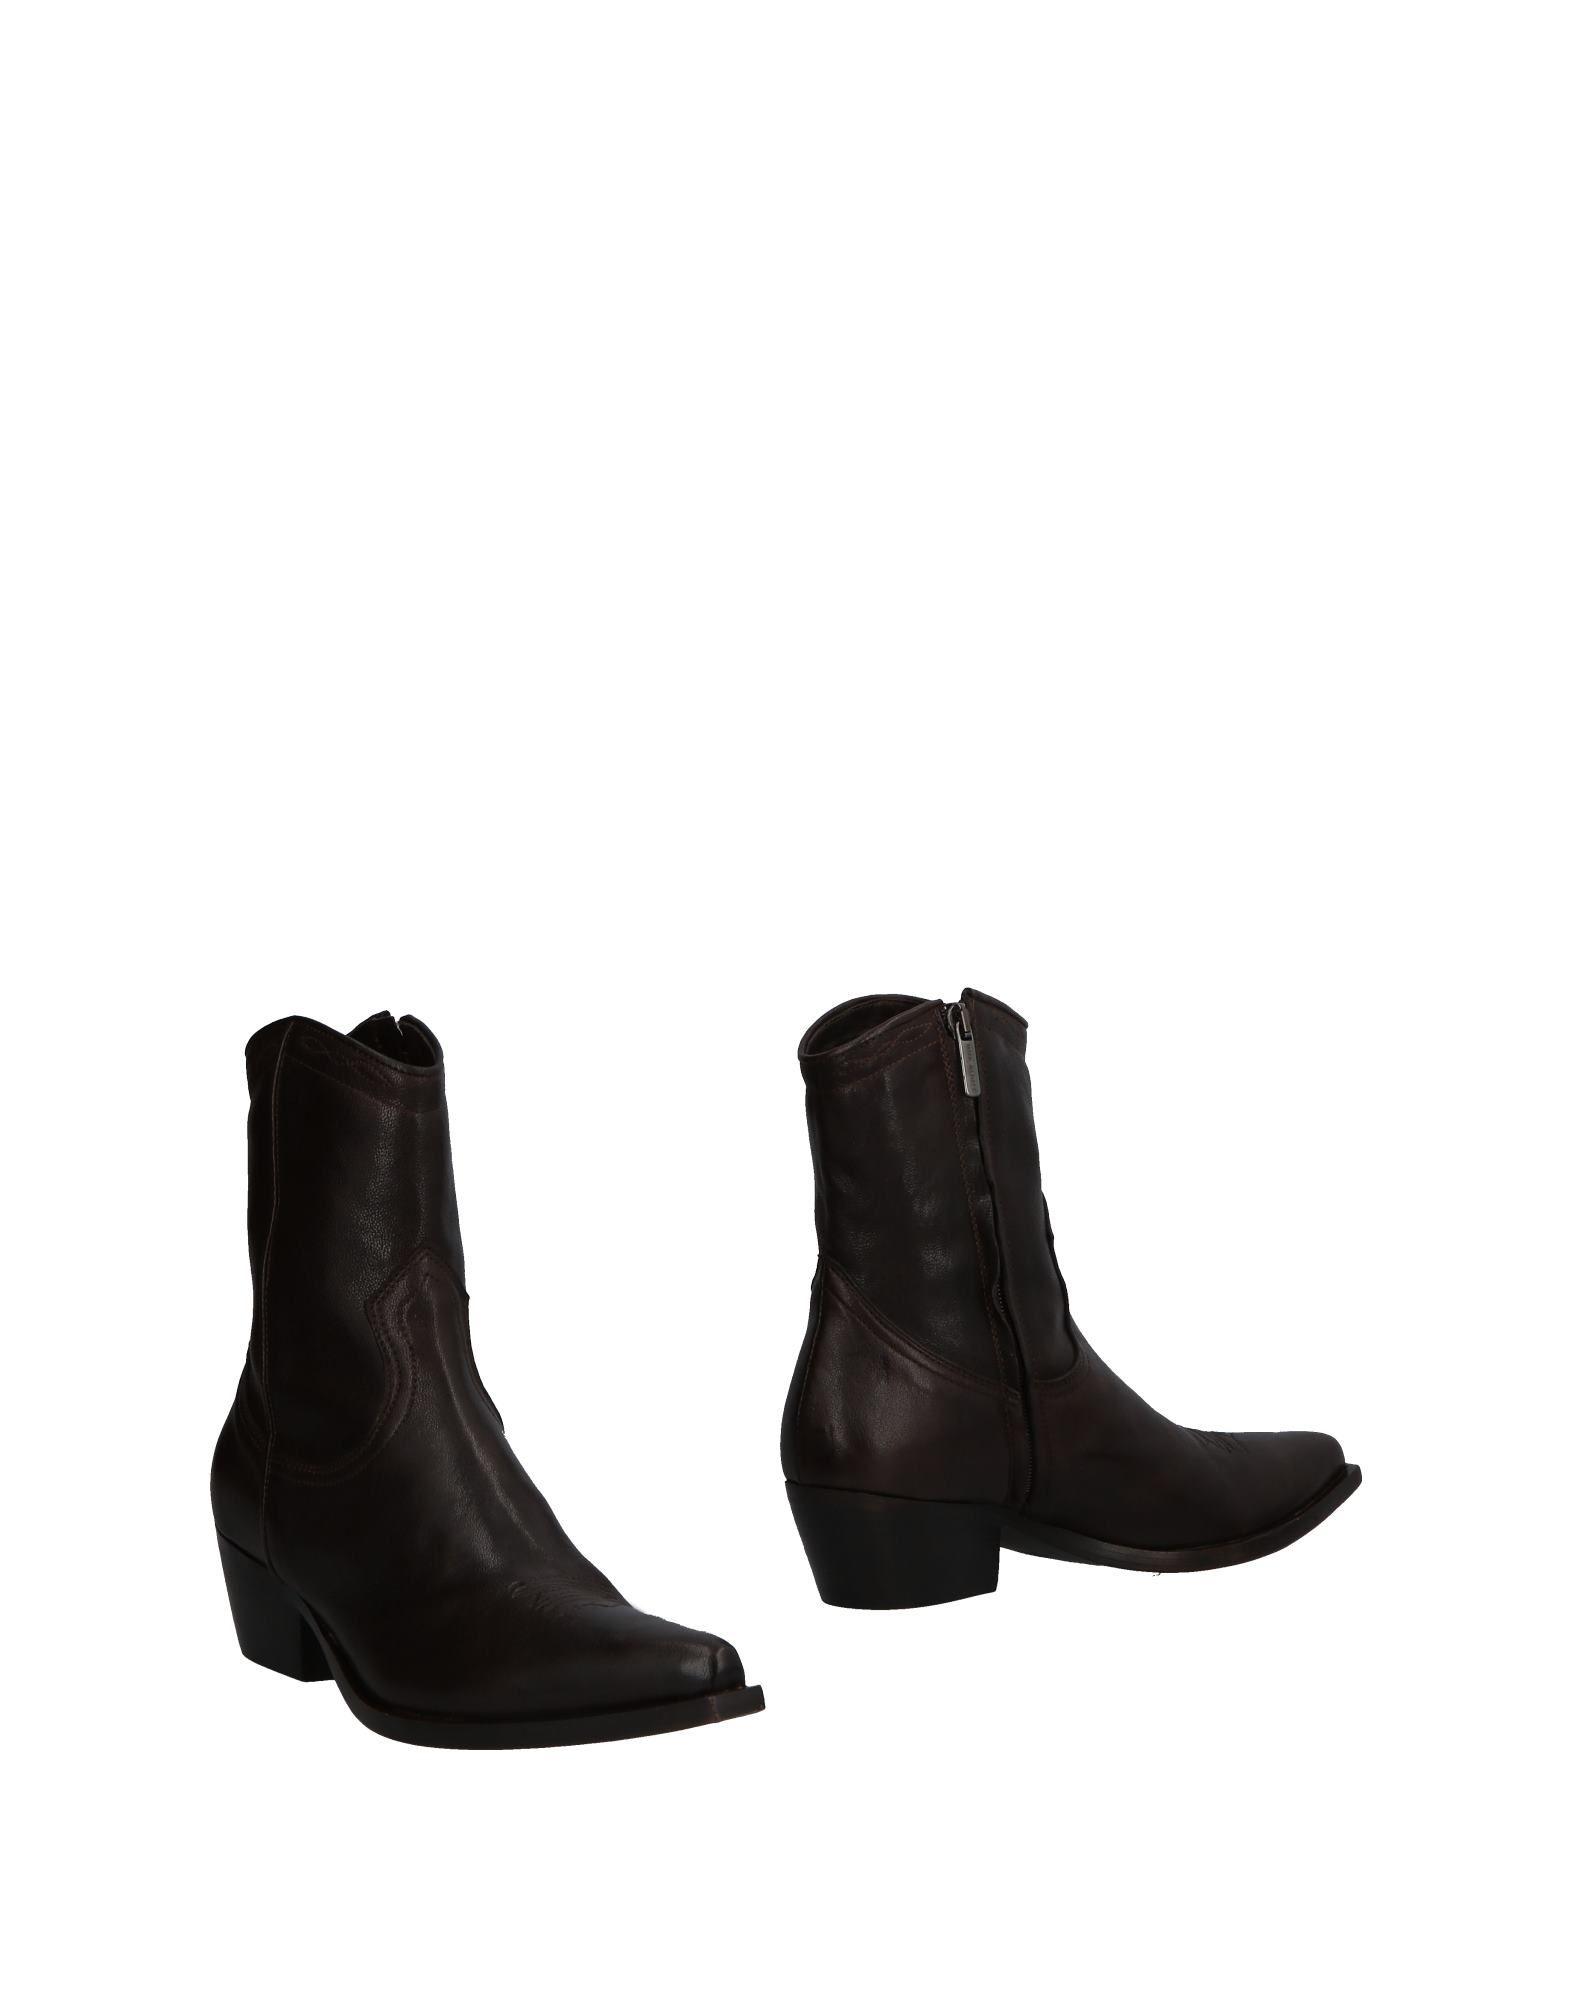 LUCA VALENTINI Ankle Boot in Dark Brown